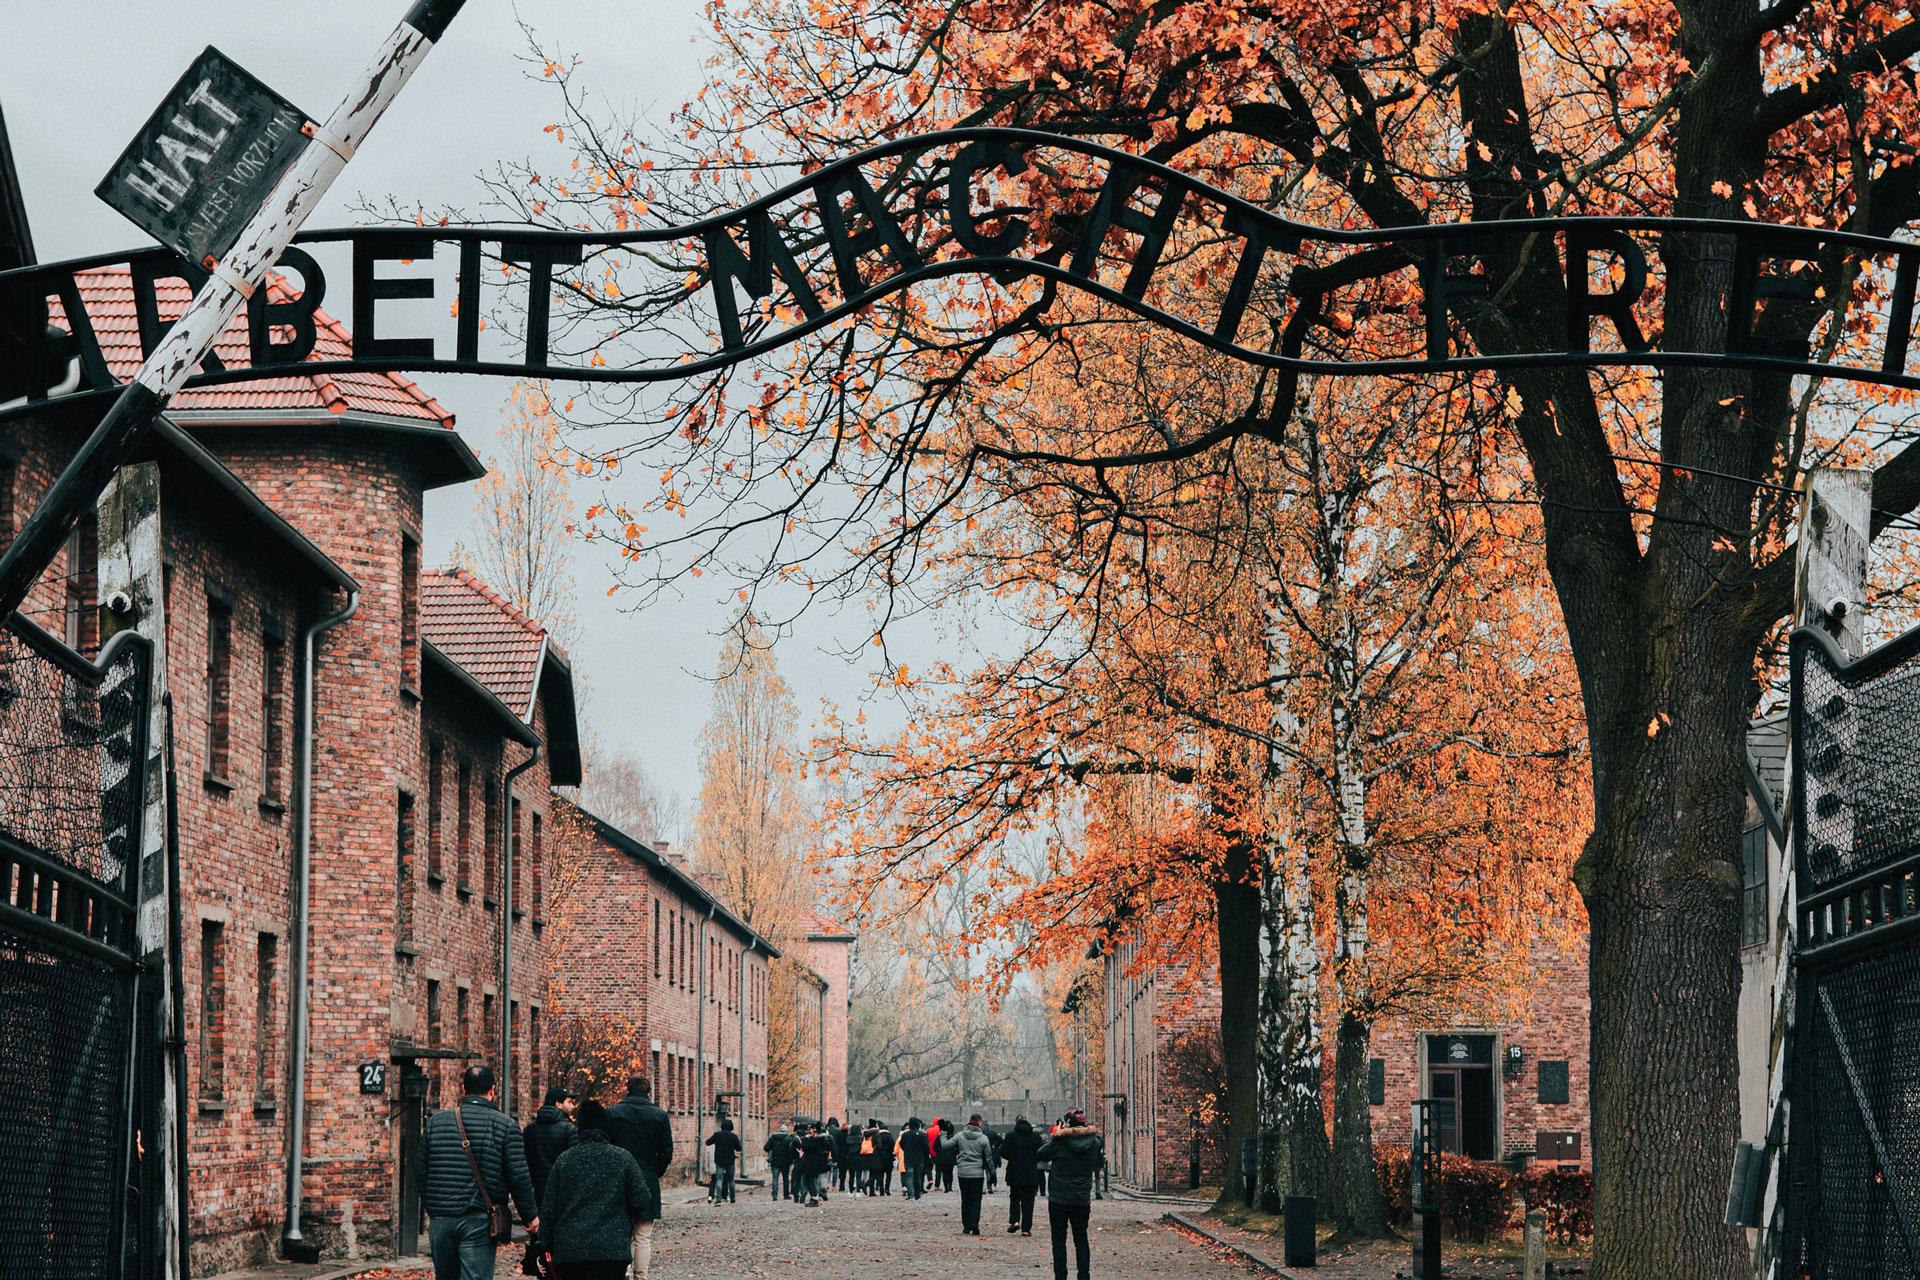 Hvordan kan vi skrive om Holocaust for barn?